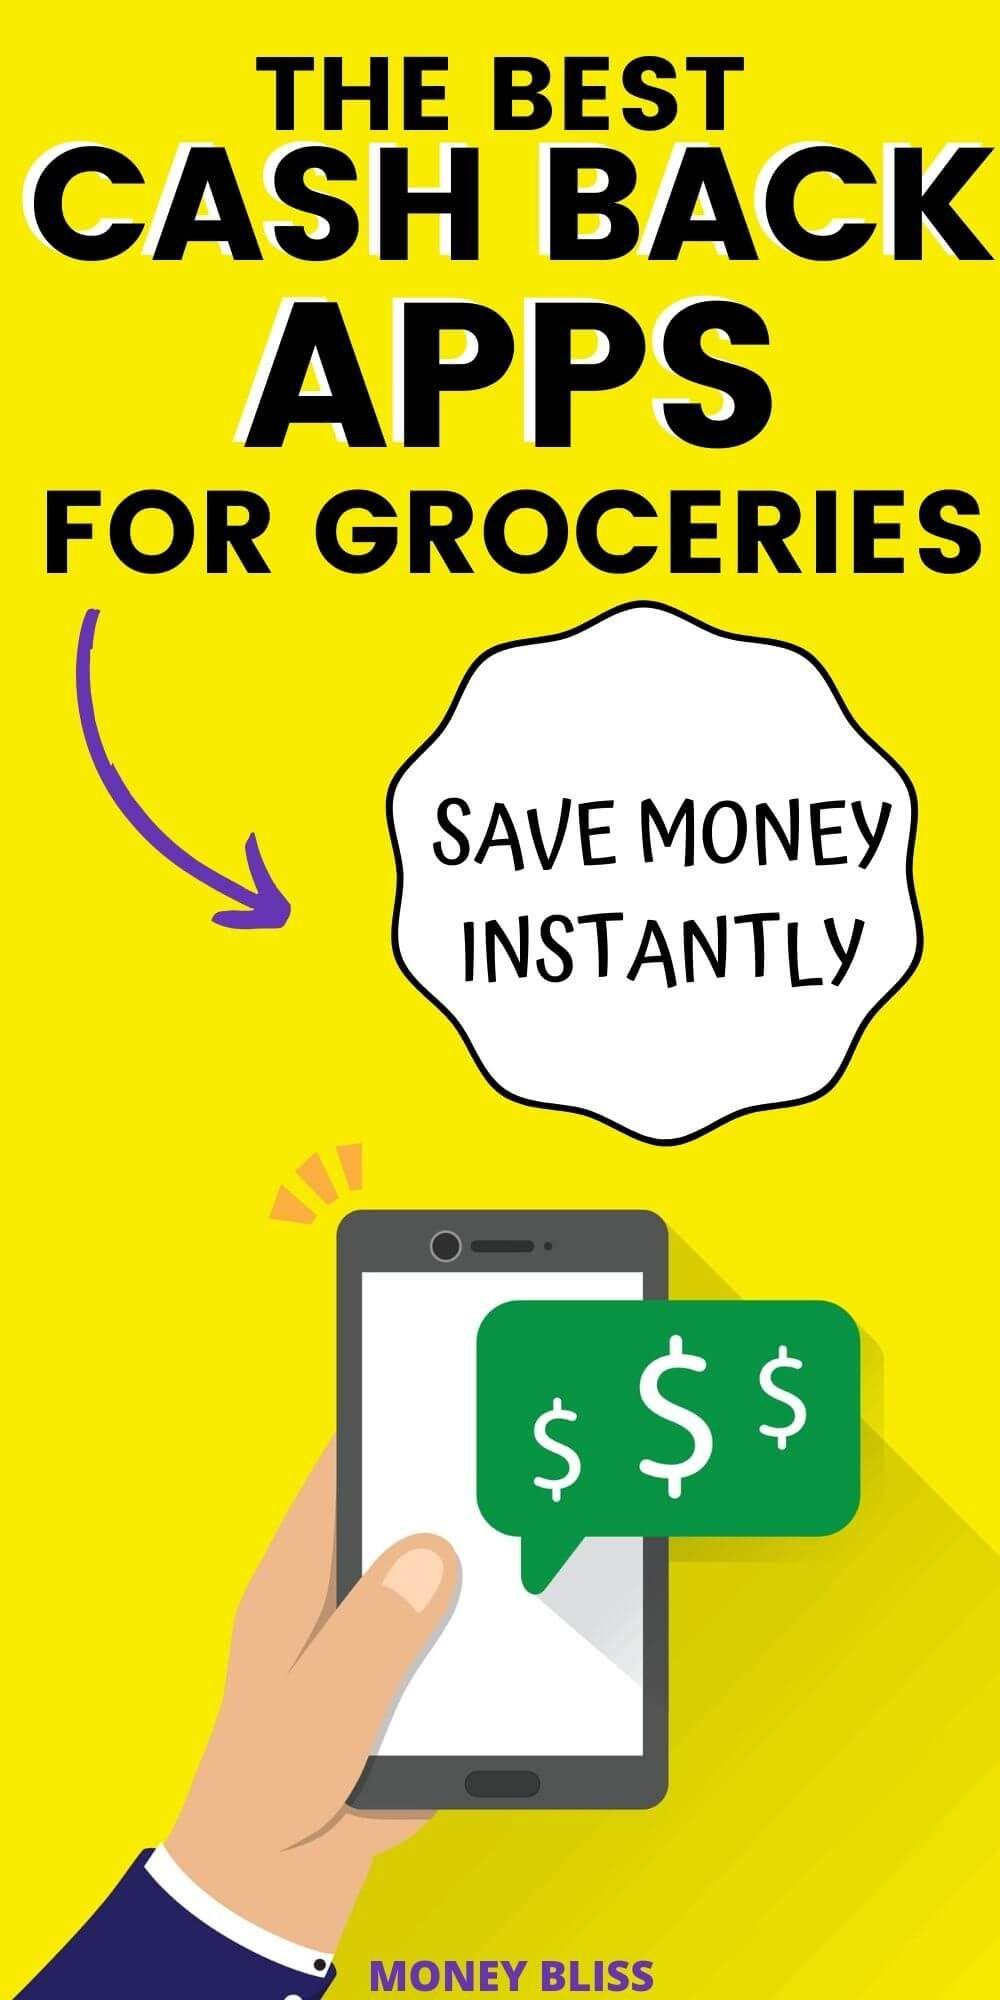 Best Cash Back Apps for Groceries Make Money Instantly